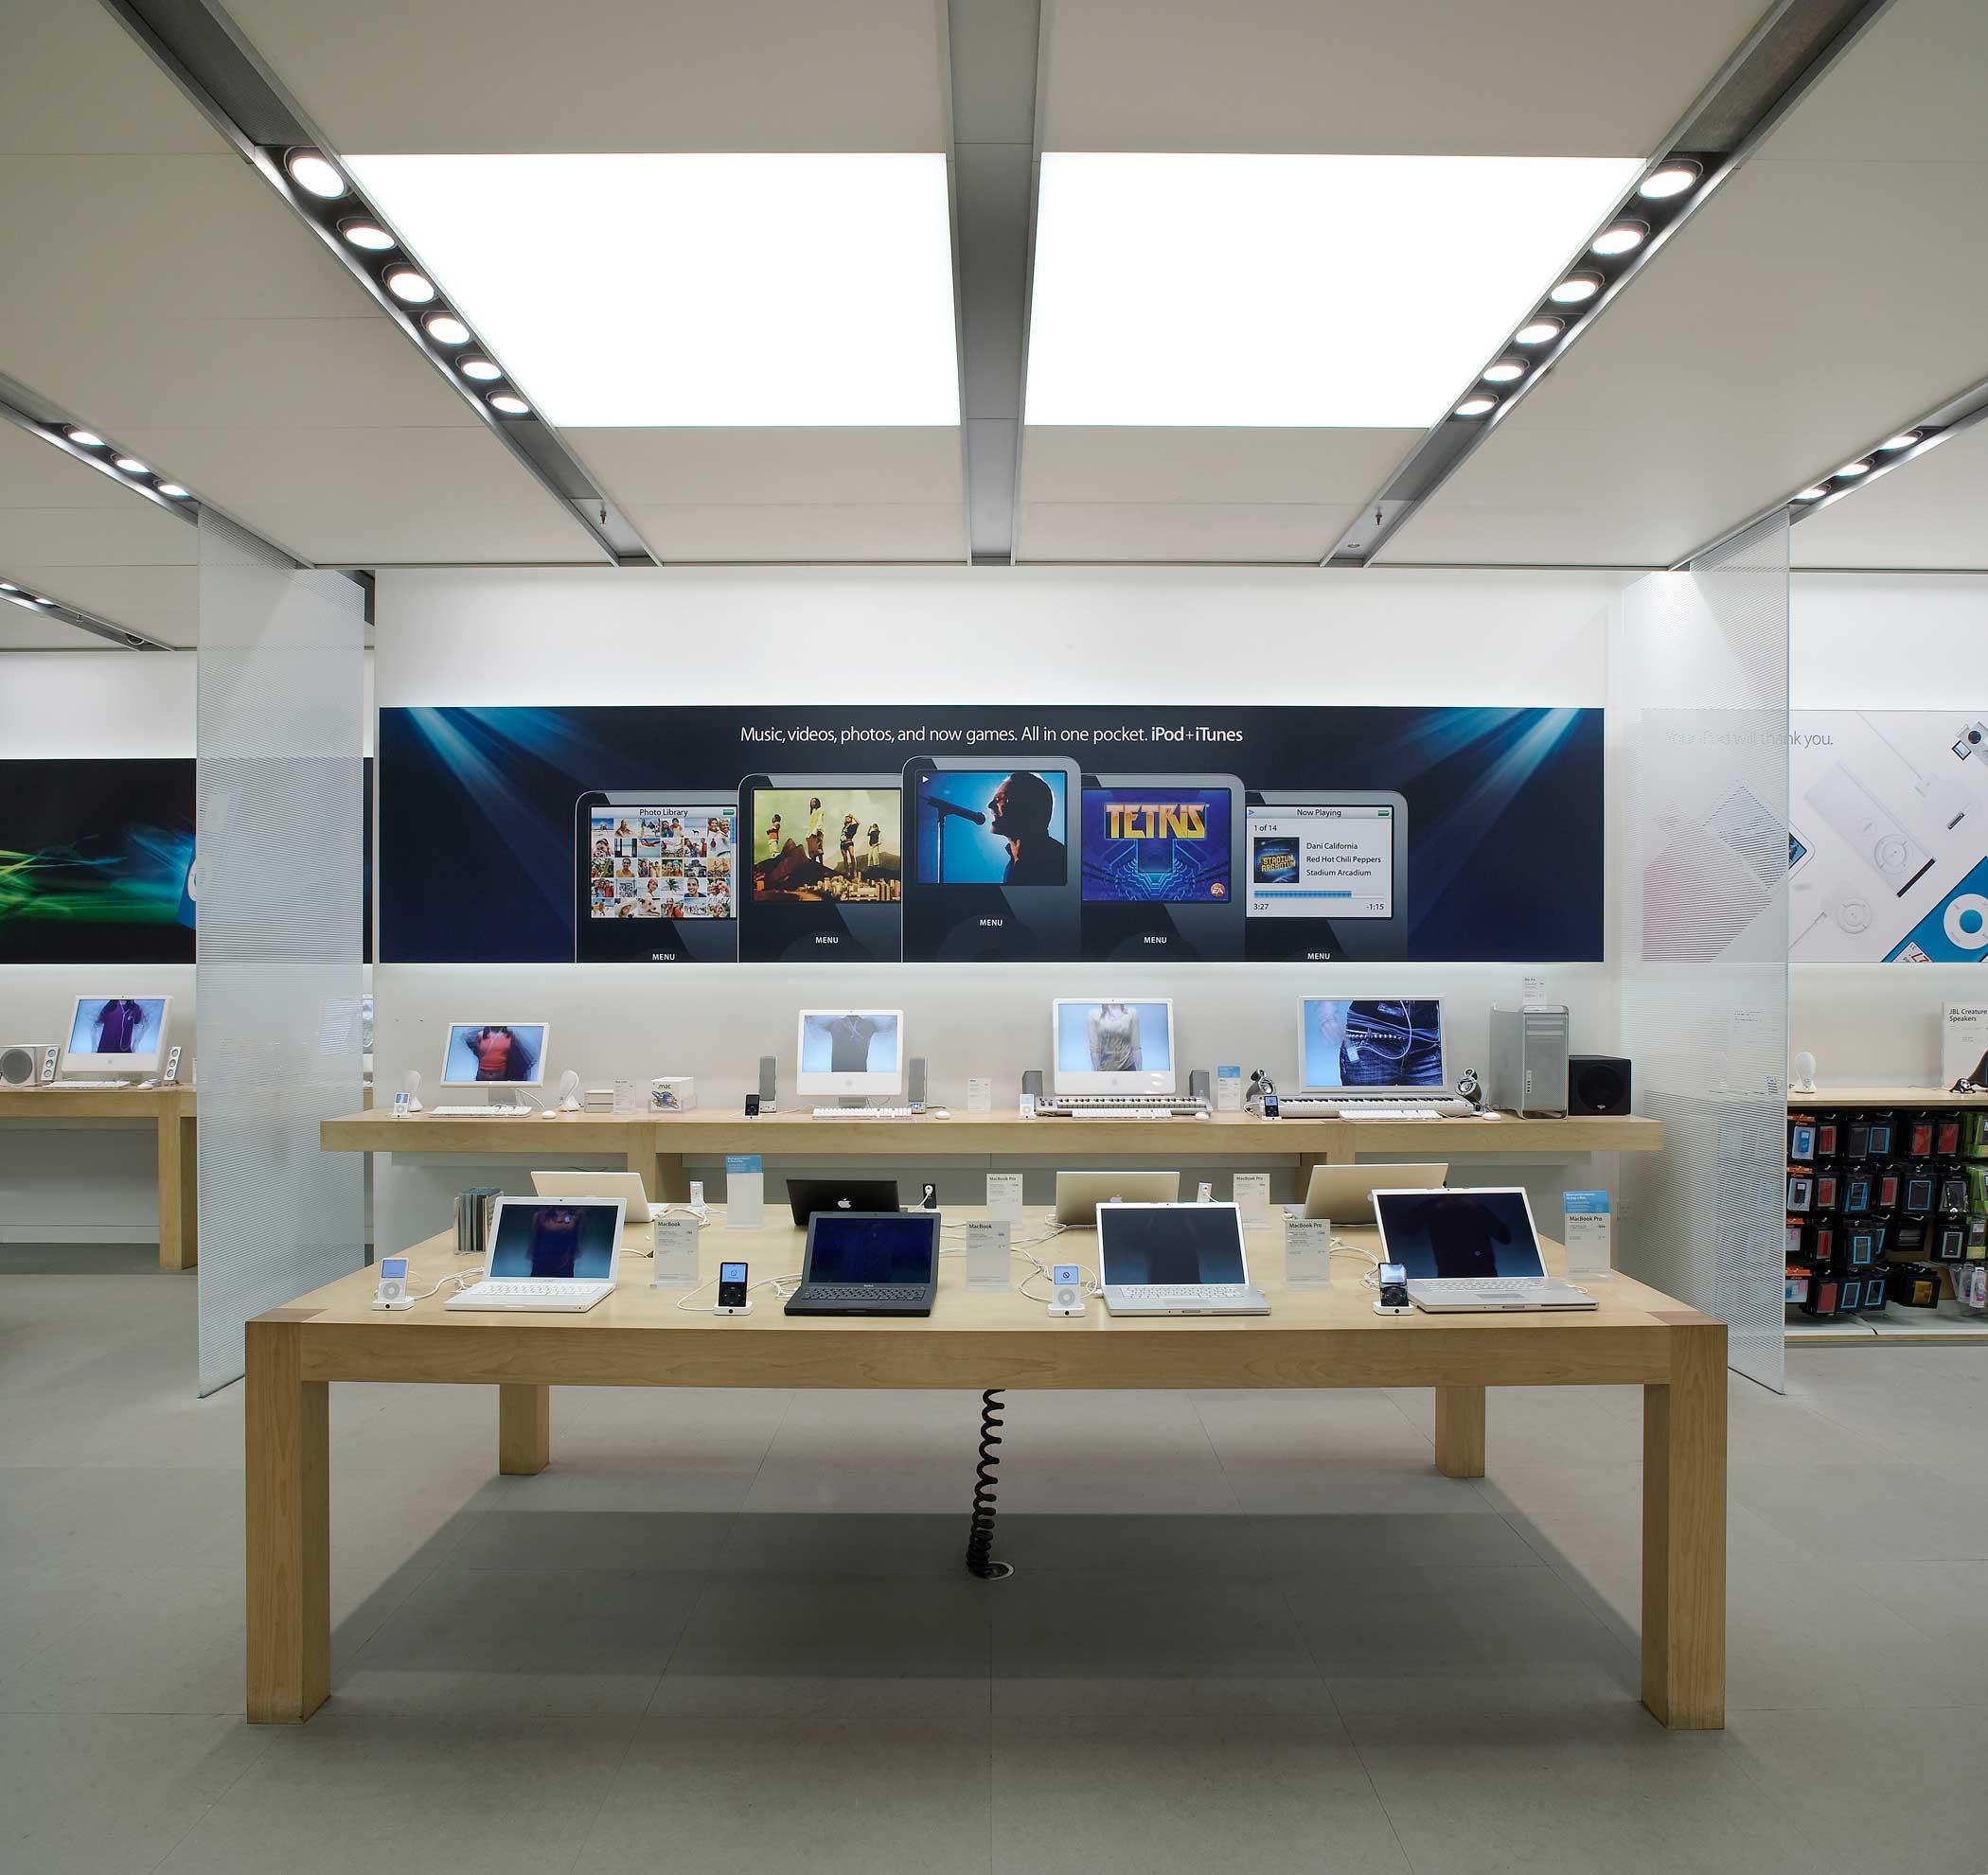 <b>Apple Store</b> The Regent Street Apple Store in London.